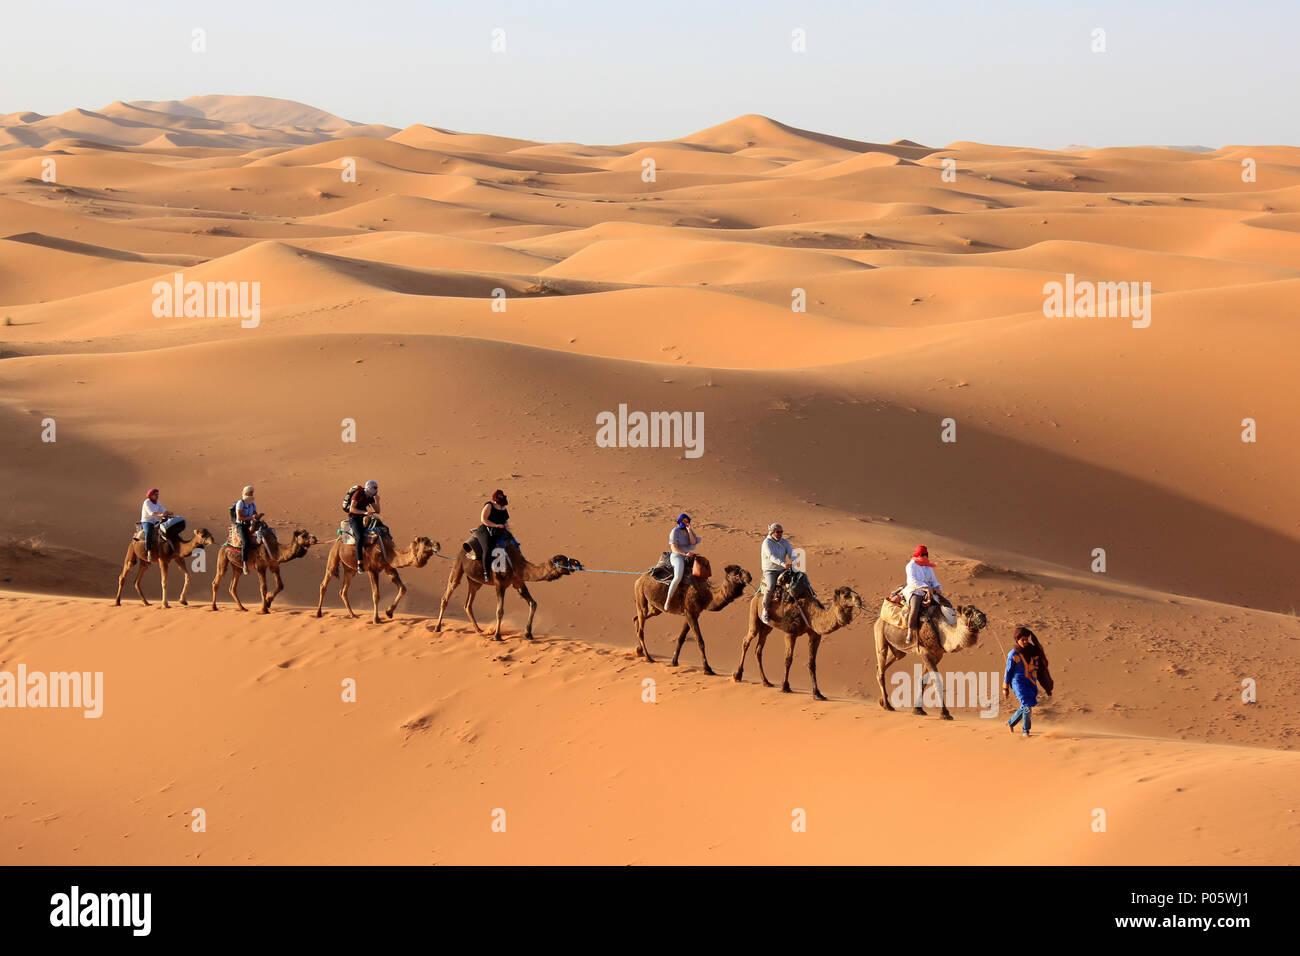 Los turistas disfrutando de Erg Chebbi : Caminata en camello, dunas de Merzouga, Marruecos Imagen De Stock